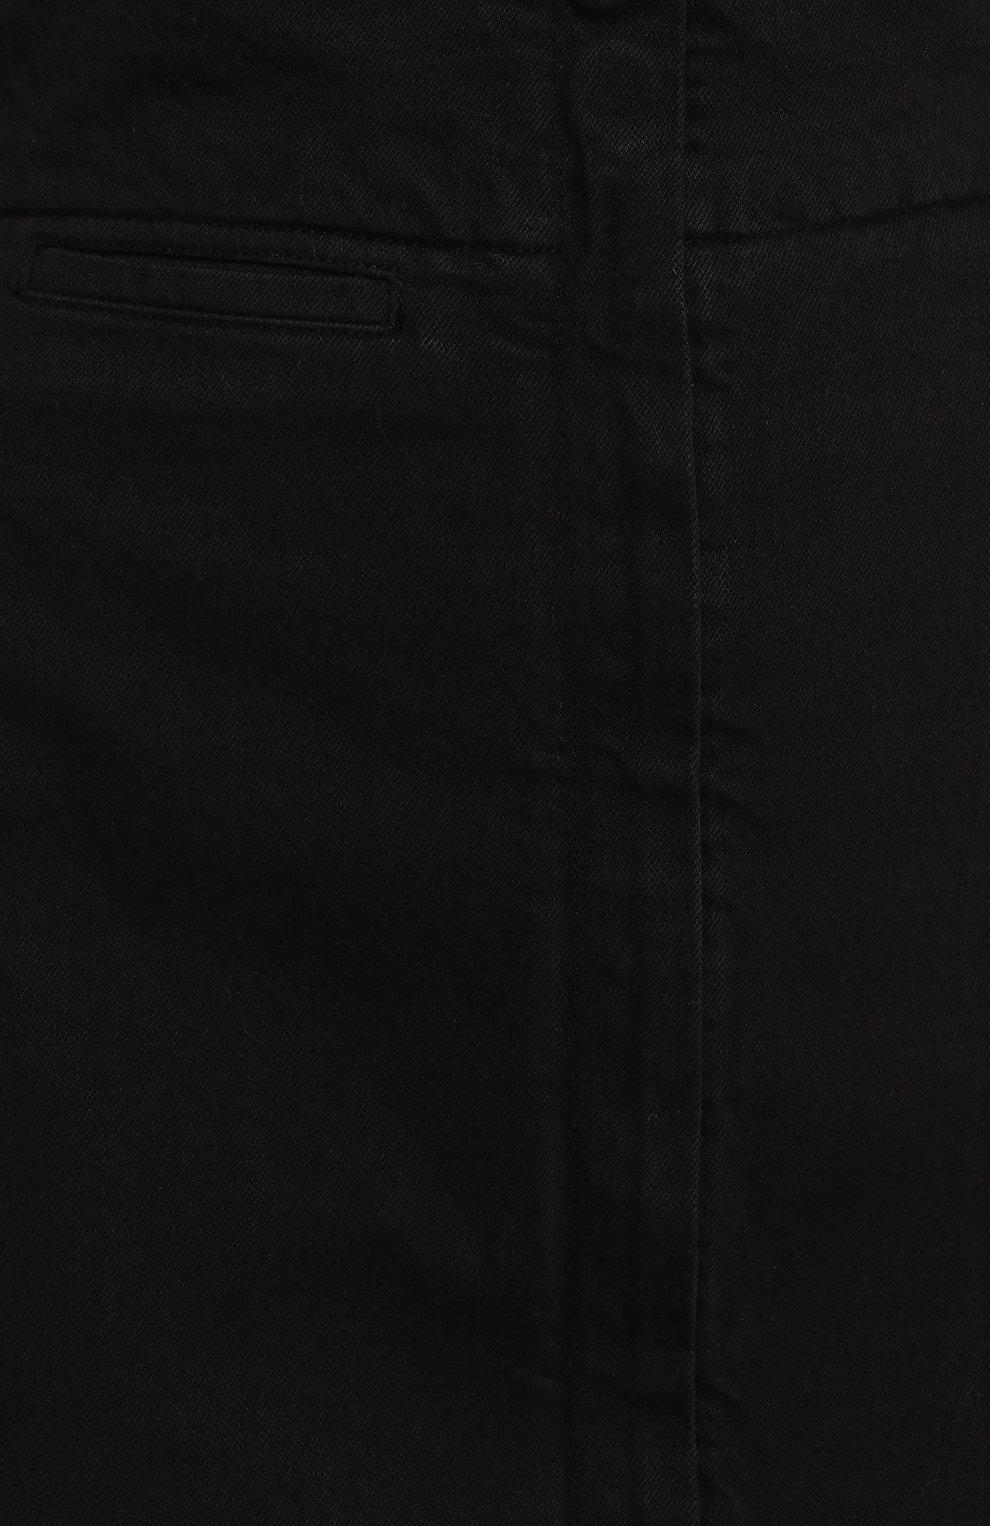 Женская джинсовая юбка LEMAIRE черного цвета, арт. W 194 SK233 LD034 | Фото 5 (Кросс-КТ: Деним; Материал внешний: Хлопок, Деним; Длина Ж (юбки, платья, шорты): Макси; Стили: Кэжуэл; Статус проверки: Проверена категория)